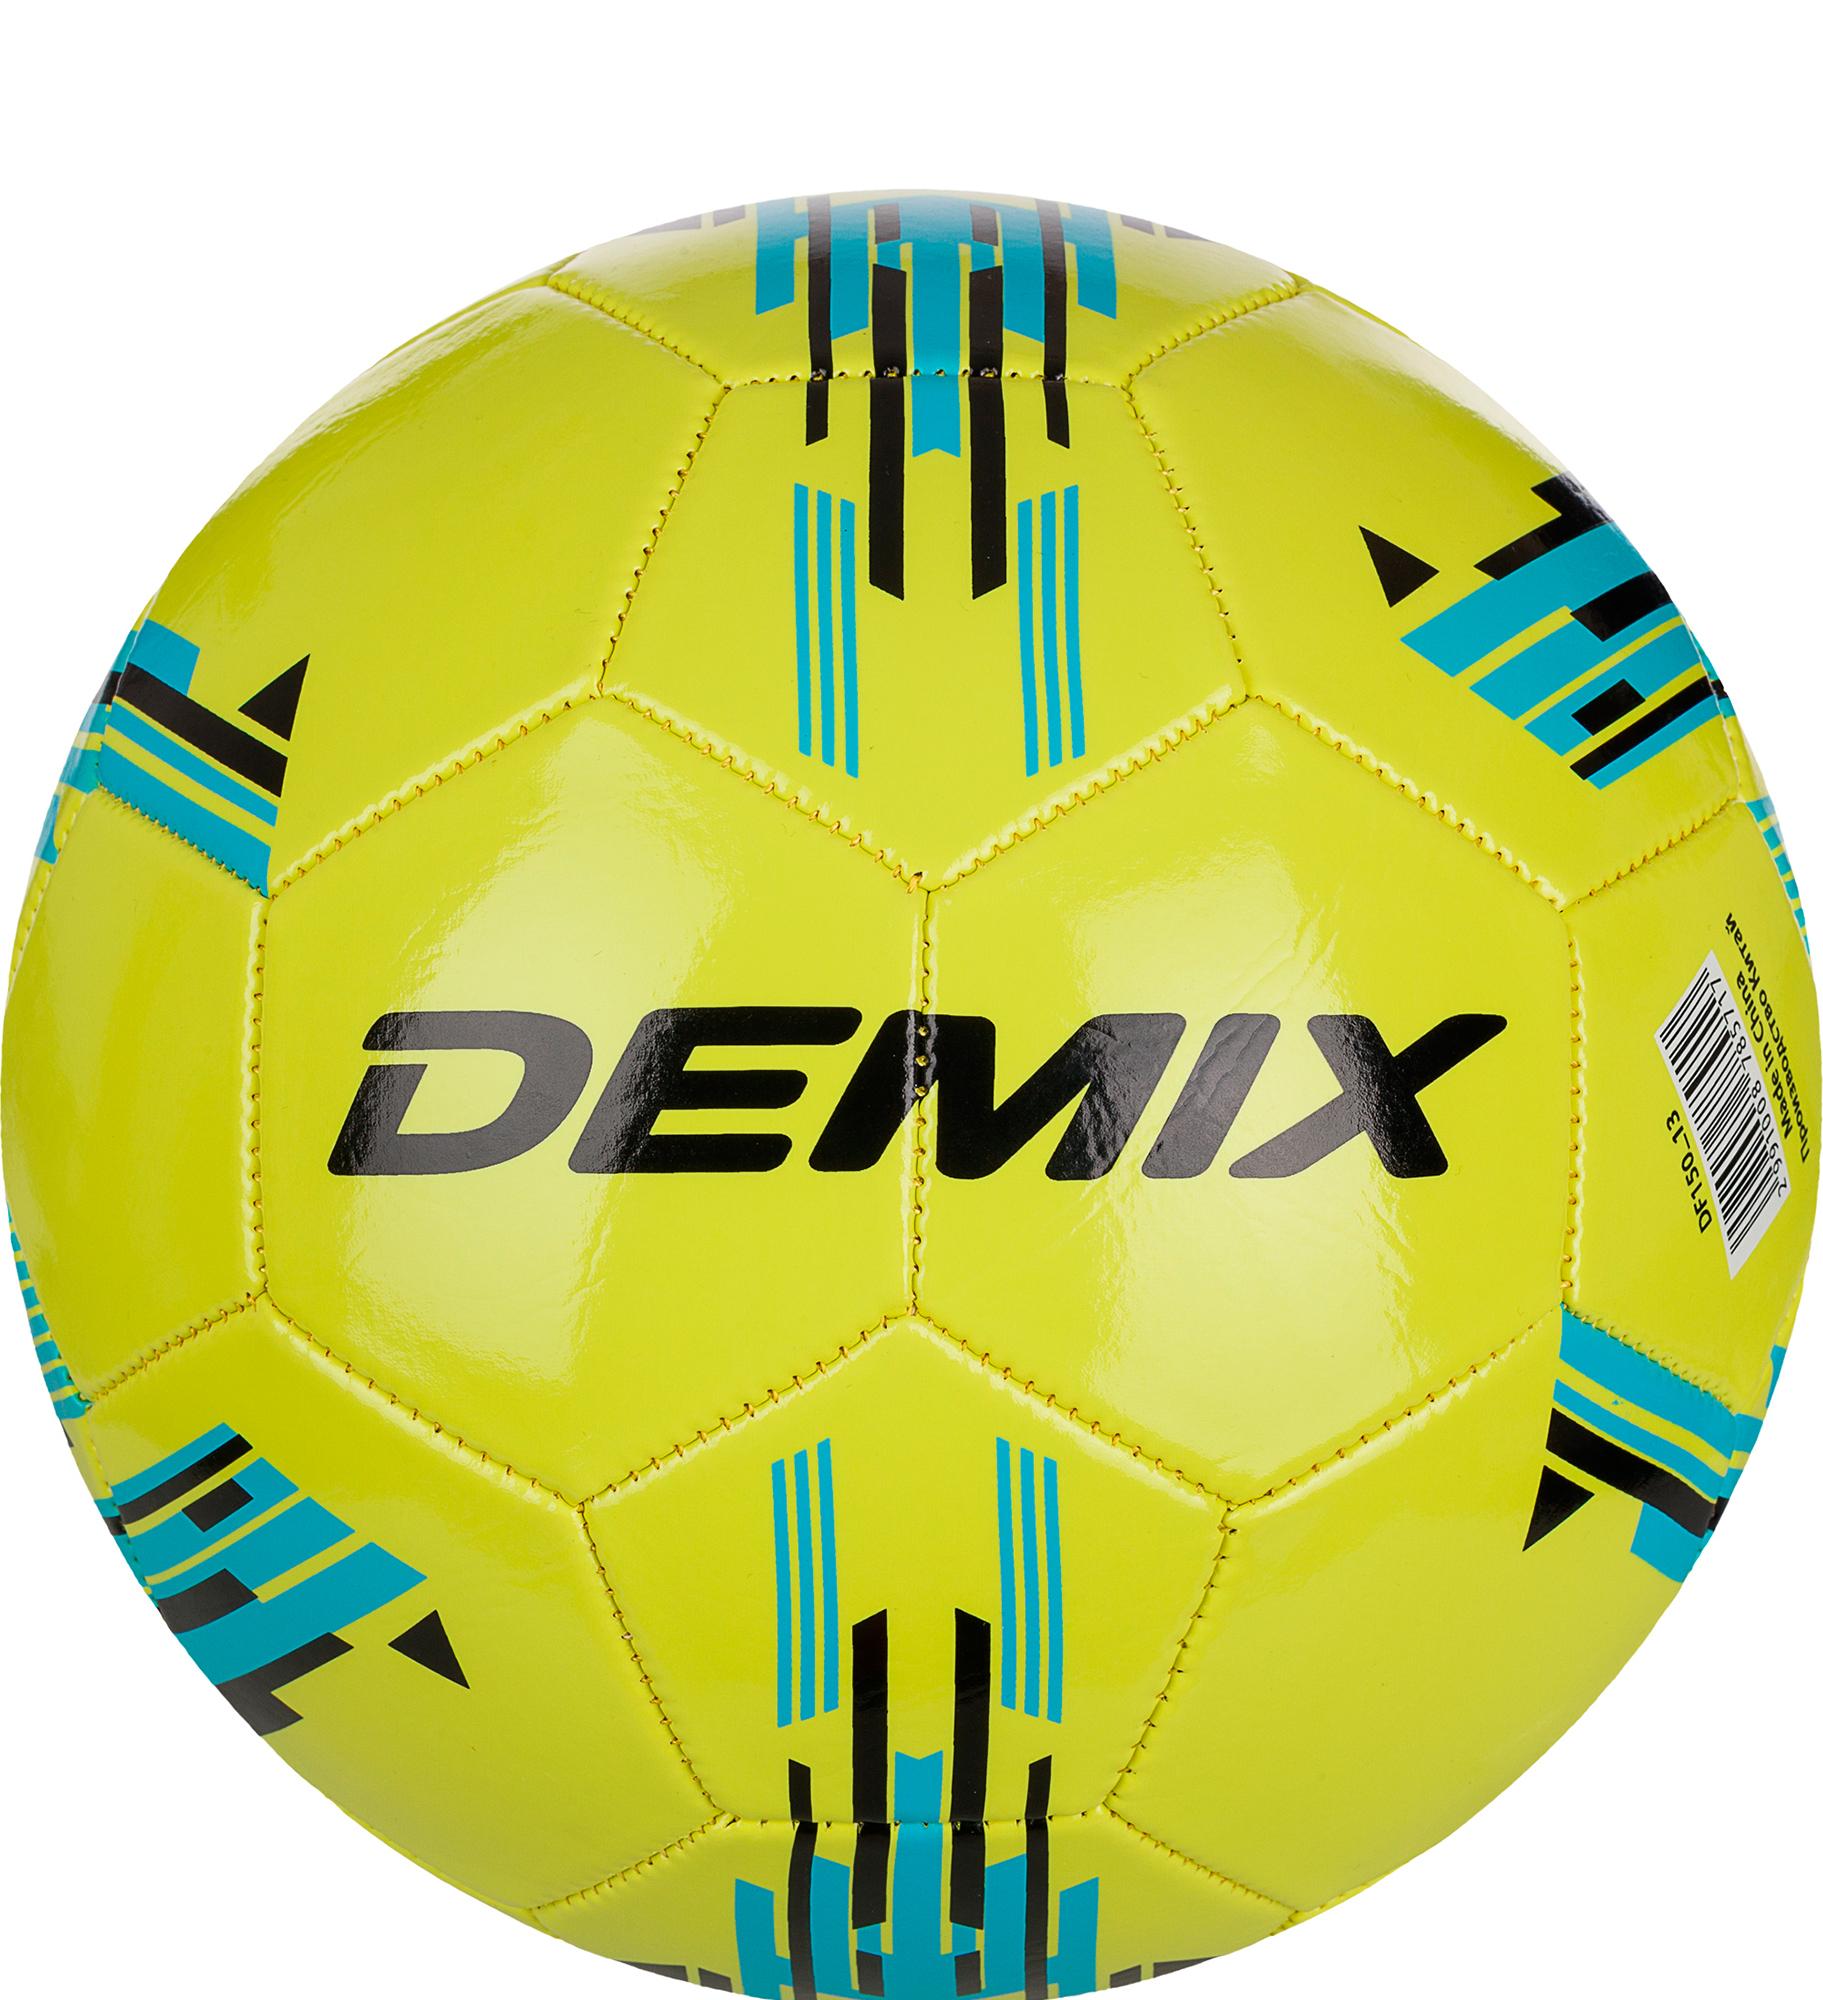 Demix Мяч футбольный Demix мягкие игрушки дерево счастья игрушка антистресс футбольный мяч